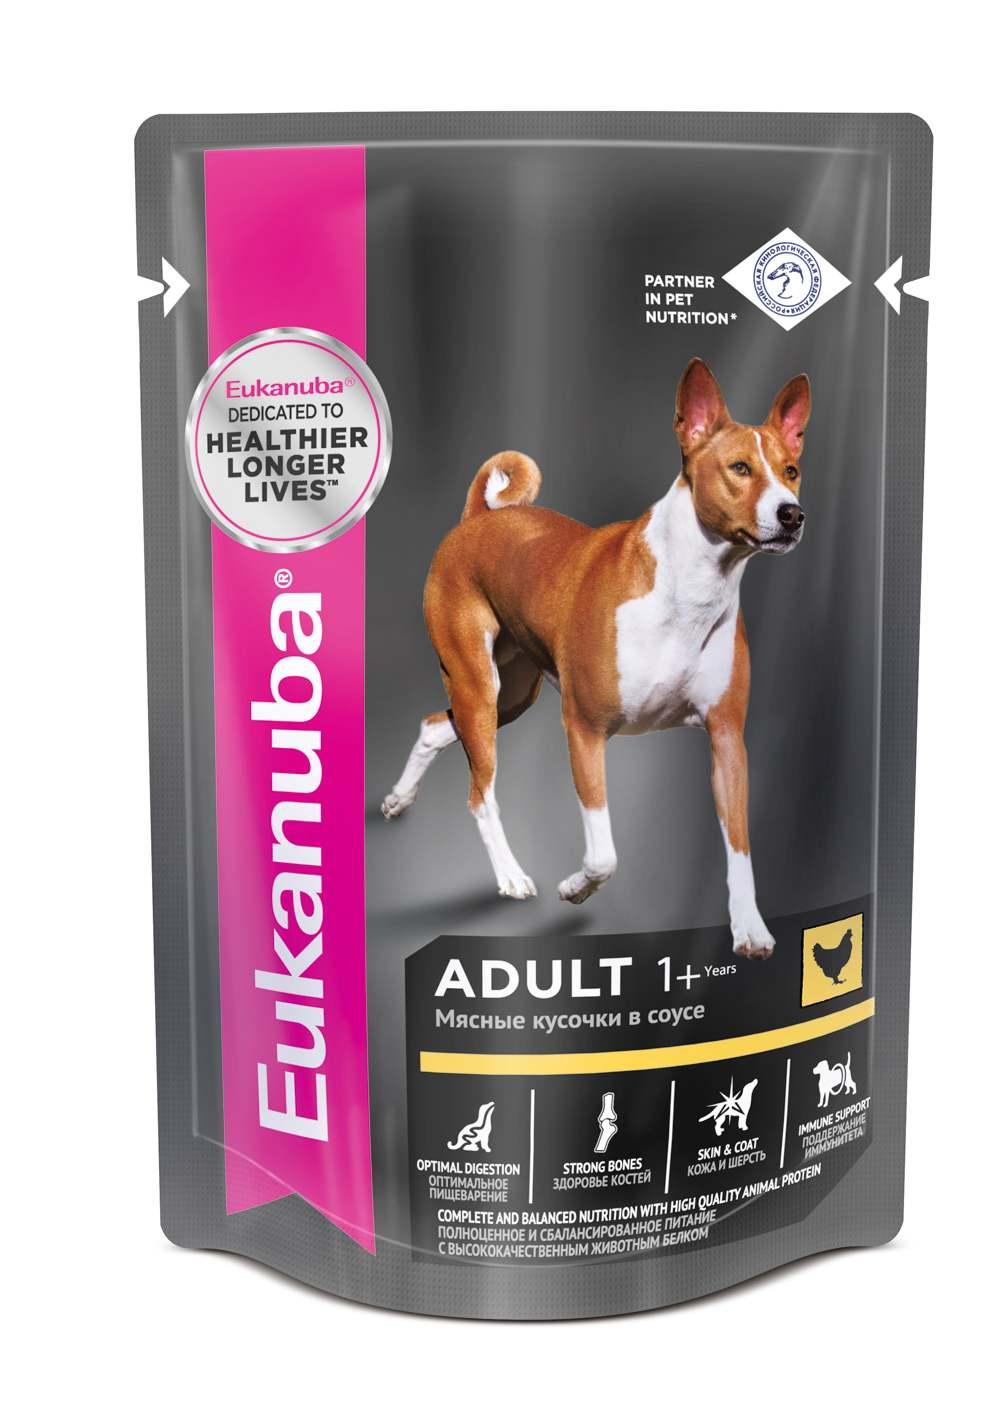 Консервы Eukanuba Adult для взрослых собак, мясные кусочки в соусе, 100 г10151131Консервы Eukanuba Adult - это полноценное и сбалансированное питание для взрослых собак всех пород в возрасте старше 1 года с высококачественным животным белком. Особенности корма: - ОПТИМАЛЬНОЕ ПИЩЕВАРЕНИЕ. Способствует поддержанию здоровой кишечной микрофлоры за счет пребиотиков и клетчатки. - ЗДОРОВЫЙ РОСТ. Содержит все необходимые минеральные вещества и витамины для здорового роста и развития. - КОЖА И ШЕРСТЬ. Поддерживает здоровье кожи и красоту шерсти при помощи оптимального соотношения омега-З и омега-6 жирных кислот. - ПОДДЕРЖАНИЕ ИММУНИТЕТА. Способствует поддержанию иммунной системы за счет антиоксидантов. Состав: мясо и субпродукты (в том числе курица минимум 26%), злаки, витамины и минеральные вещества, рыбий жир. Аналитический состав: Белки 9,4 г, Жиры 5,0 г, Зола (минералы) 3,1 г, Клетчатка 0,1 г, Влага 80 г, Омега-6 жирные кислоты - не менее 1 г, Омега-3 жирные кислоты - не менее 0,1 г, Кальций - не менее 0,1 г, Витамин А - не менее 170 МЕ, Витамин Е - не менее 1,3 г.Энергетическая ценность (в 100 г): 98 Ккал. Товар сертифицирован.